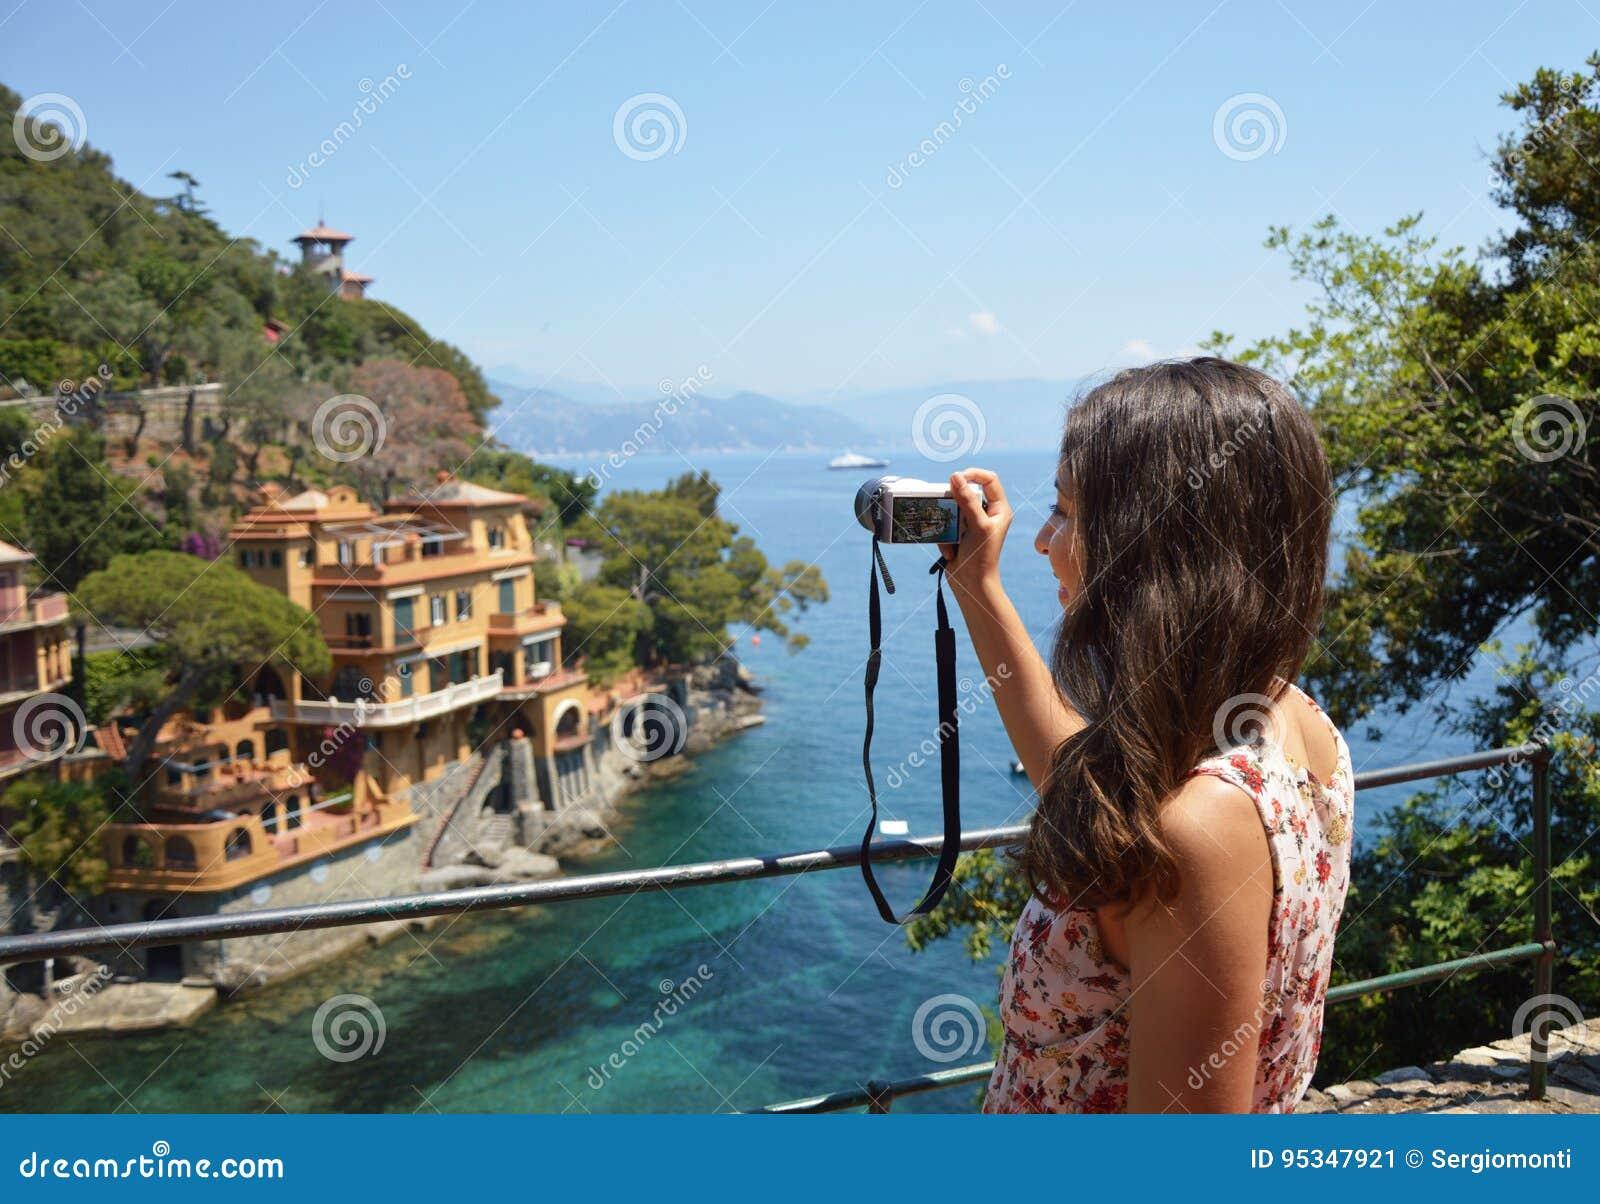 Tylna strona bierze obrazek piękna włoch zatoka w Portofino młoda kobieta, szczęśliwa podróż Europa, wakacje pojęcie